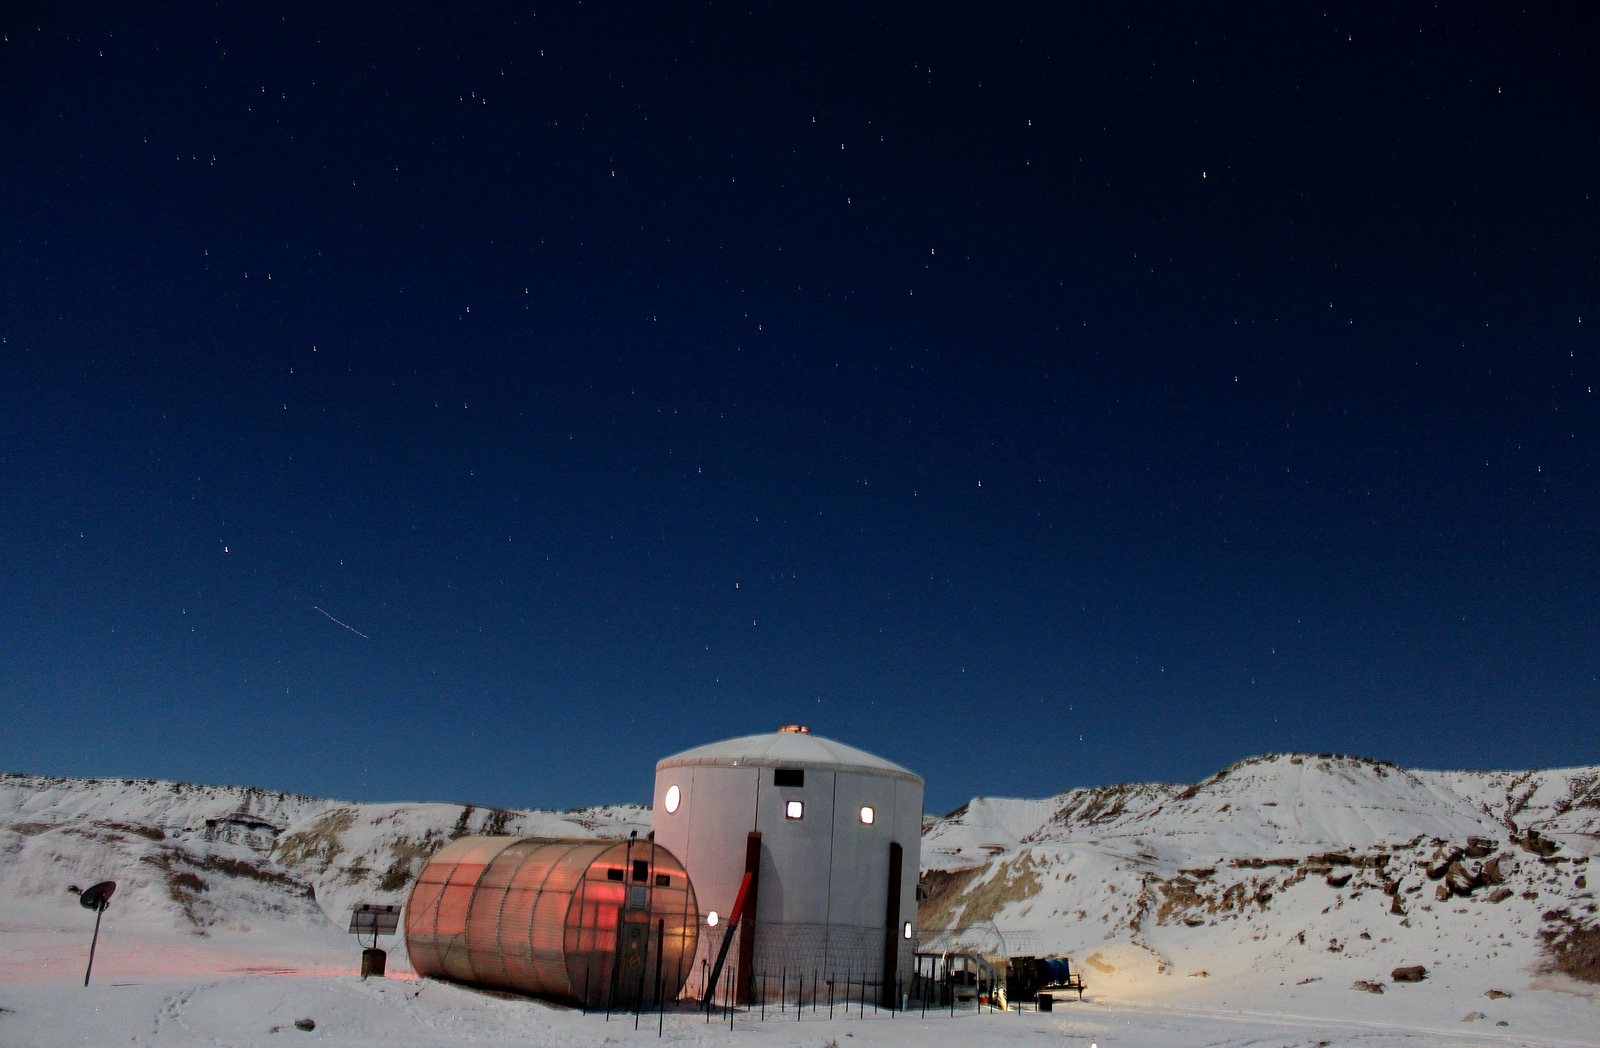 Mock Mars Mission: Utah Habitat Simulates Life on Red Planet